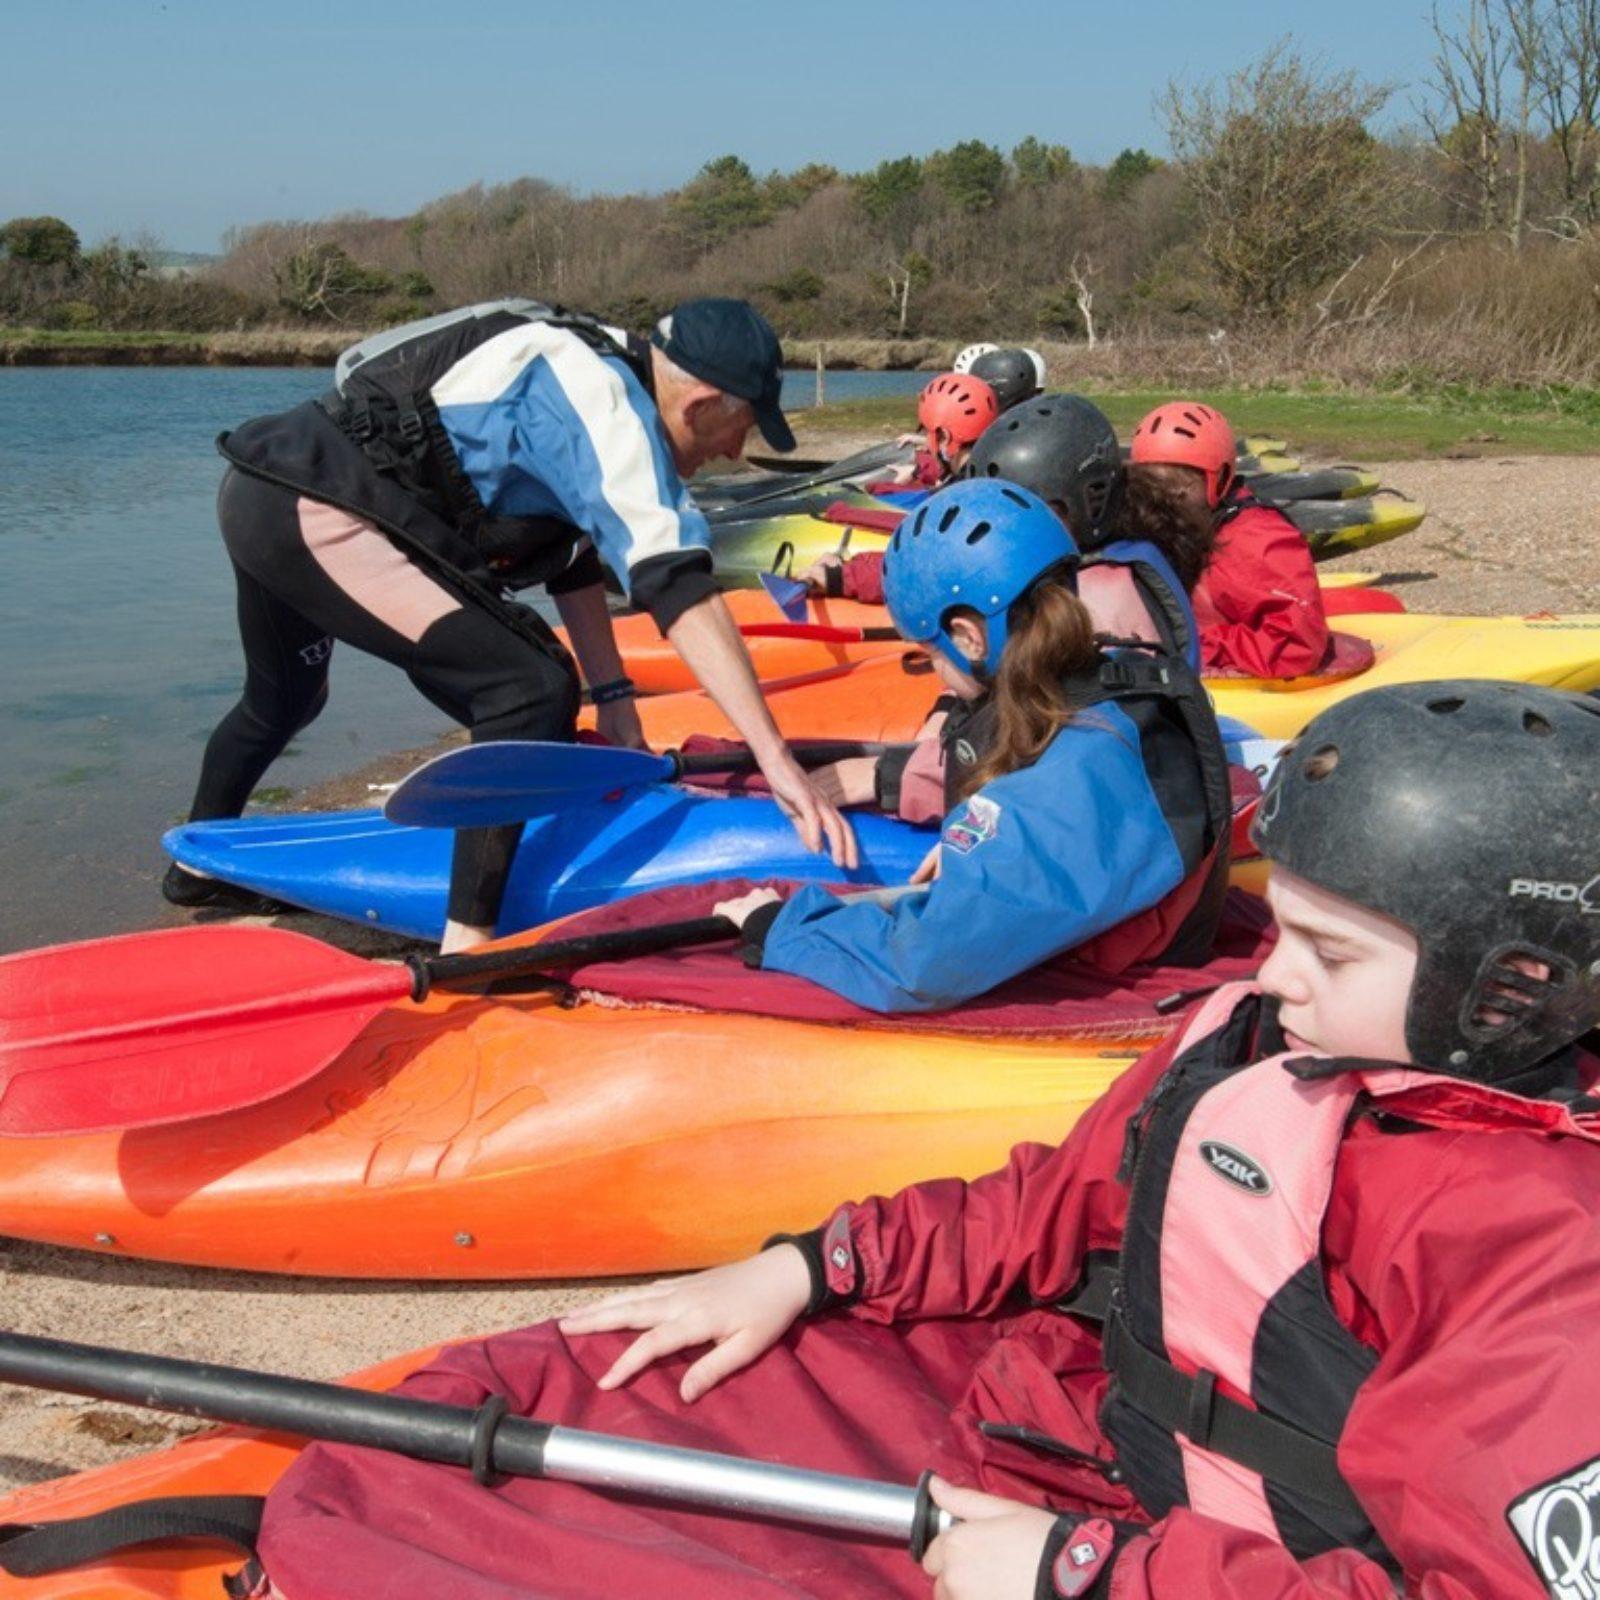 Grid kayaing canoeing 3